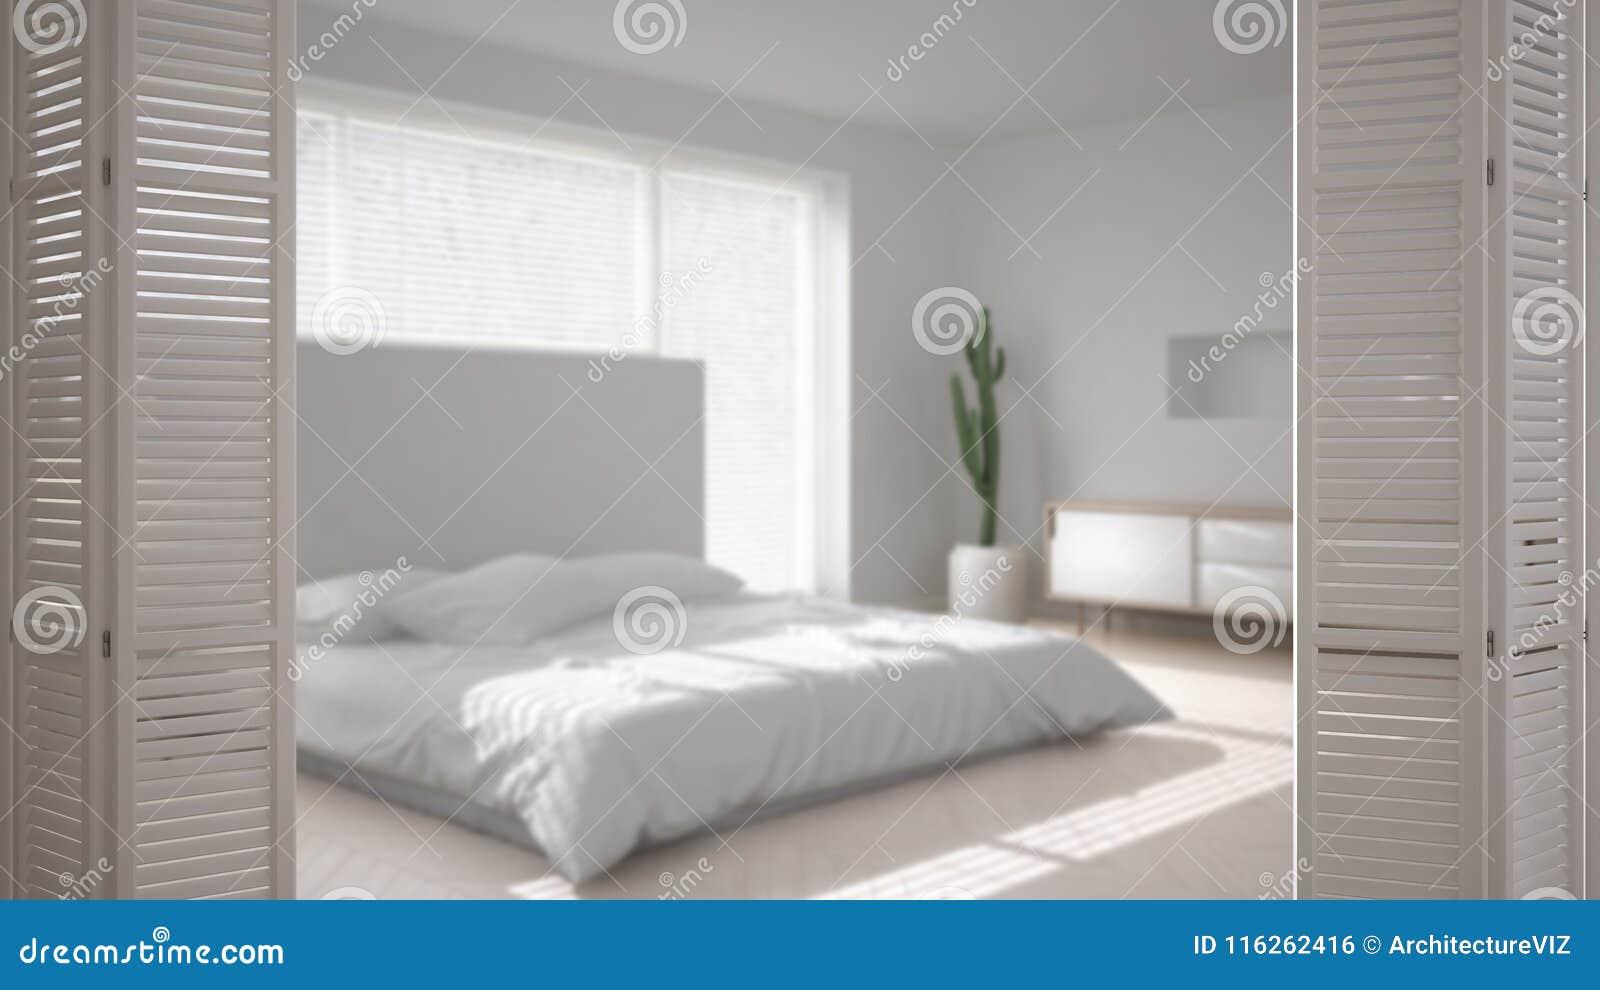 Camere Da Letto Design Minimalista : Apertura bianca sulla camera da letto minimalista scandinava